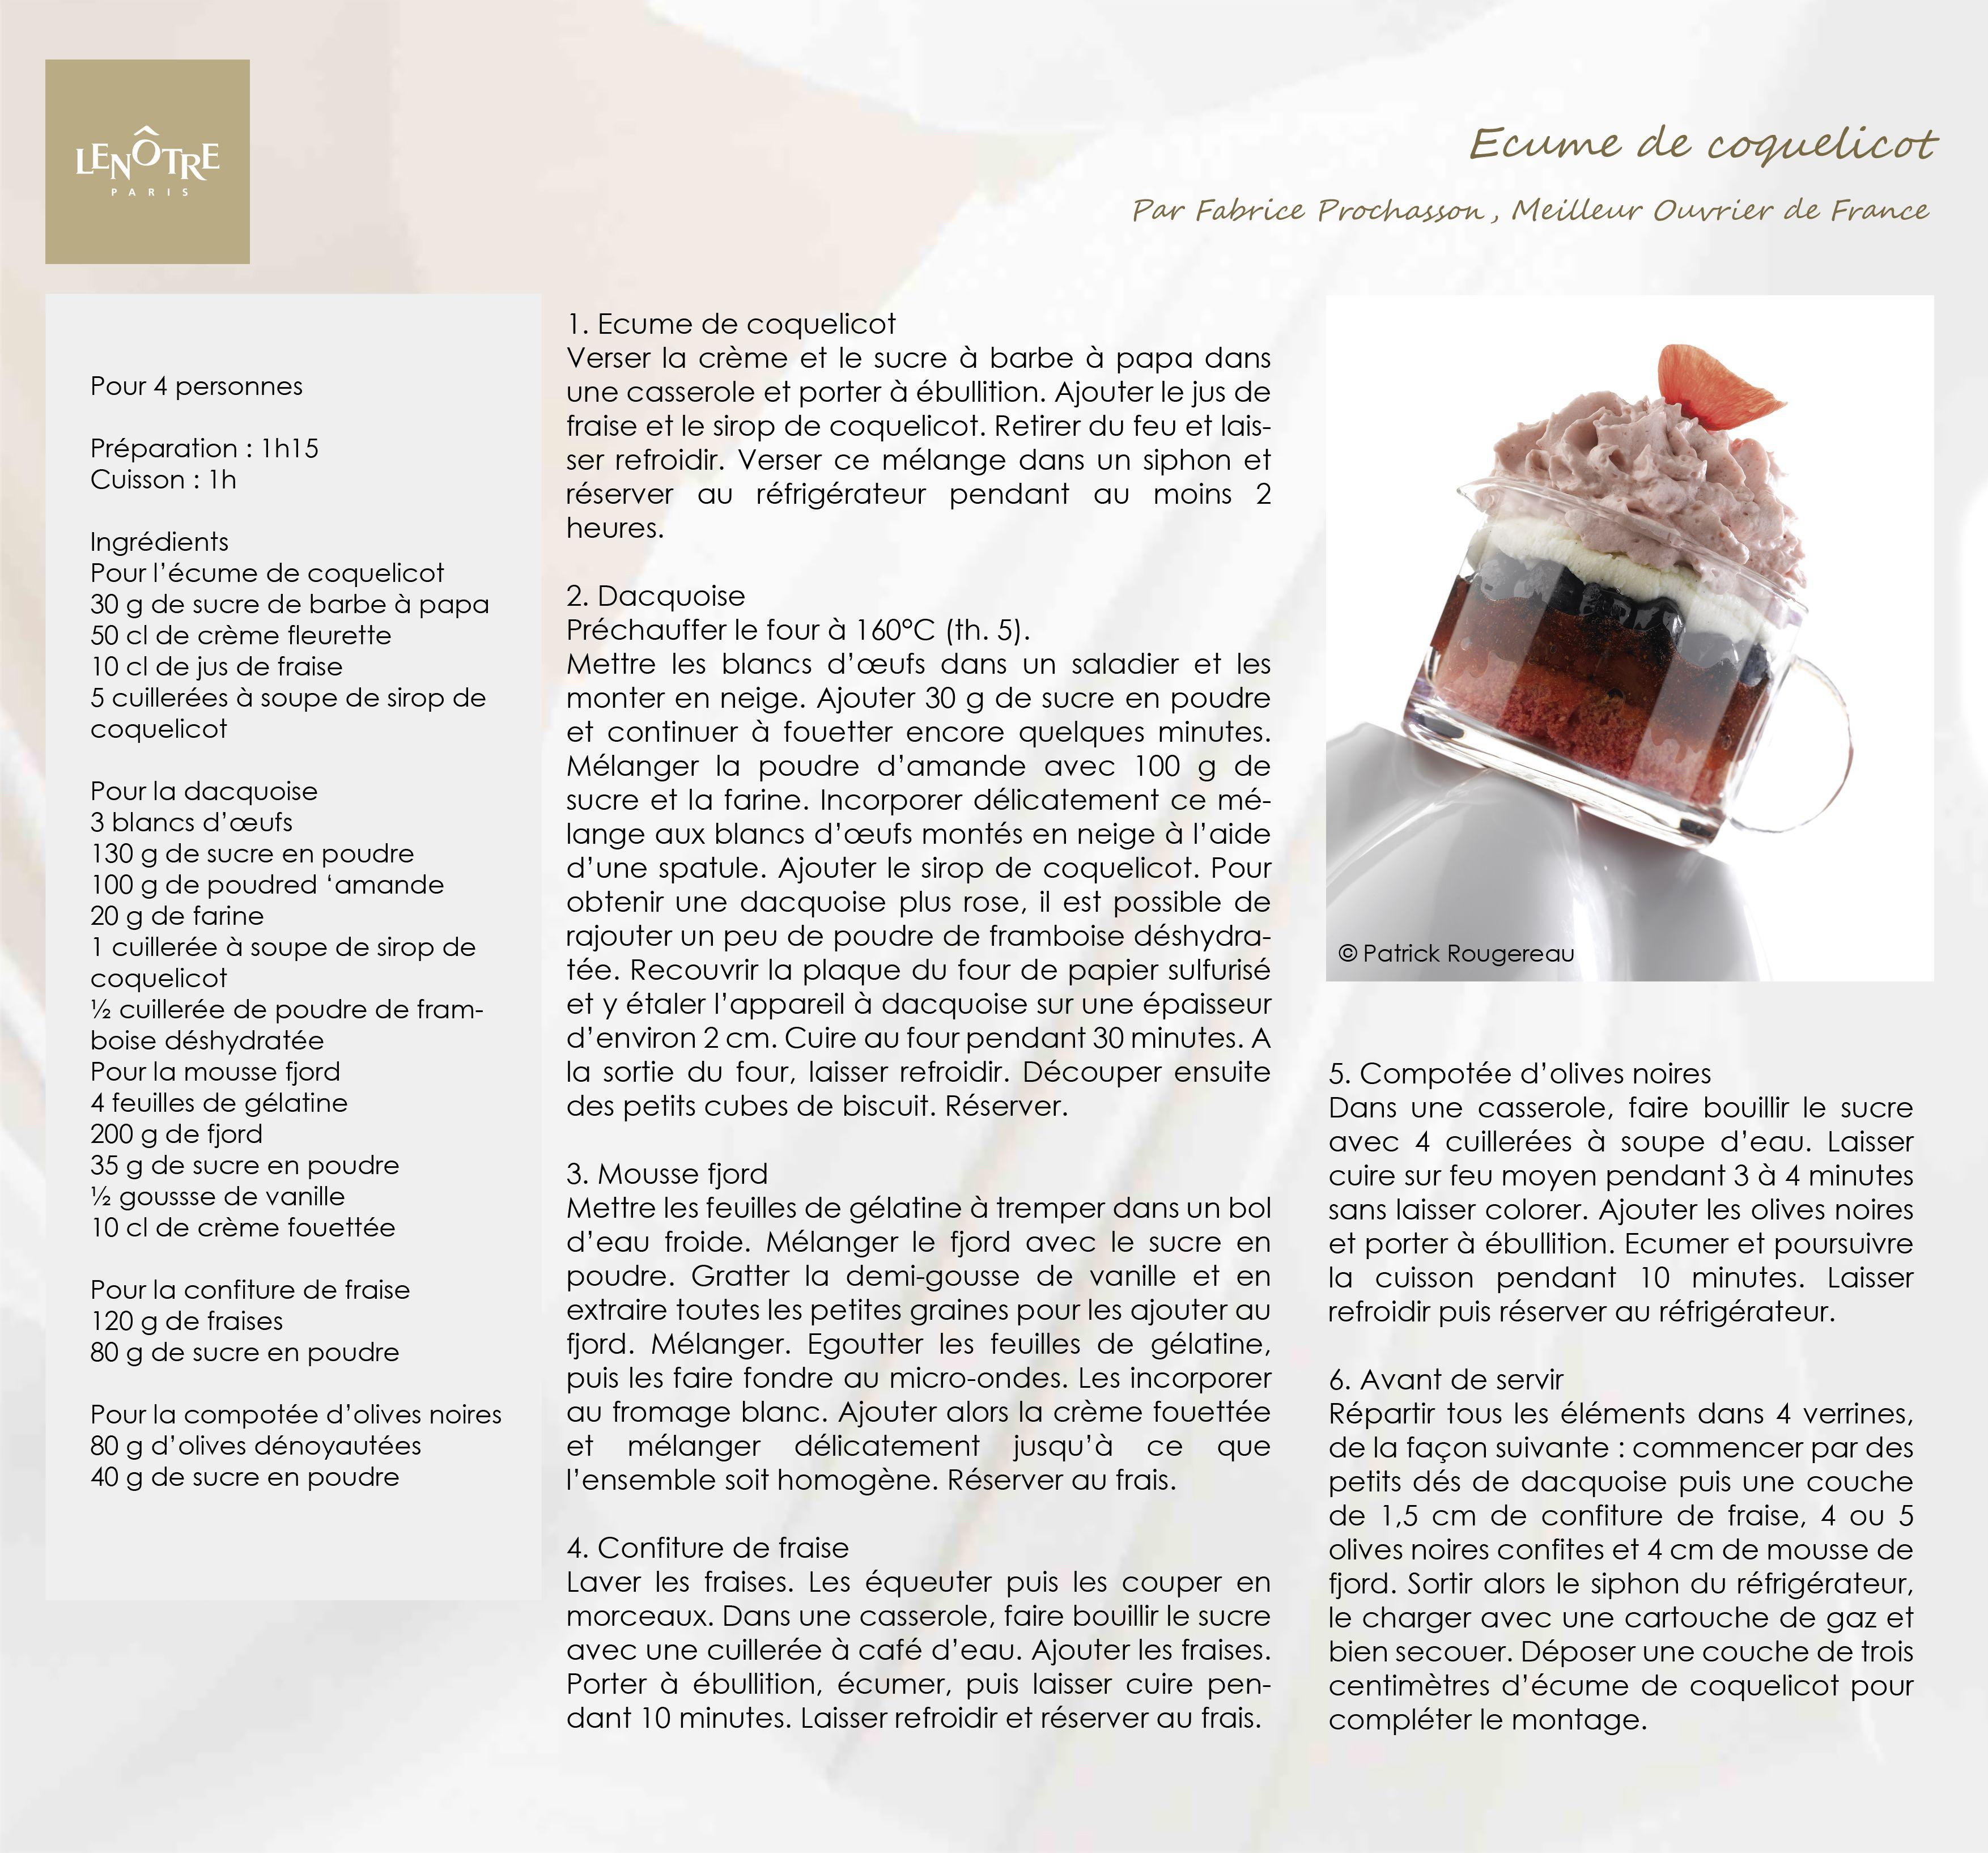 Pin by dr olito on m a t pinterest traiteur paris traiteur and cours de cuisine - Cours de cuisine paris lenotre ...